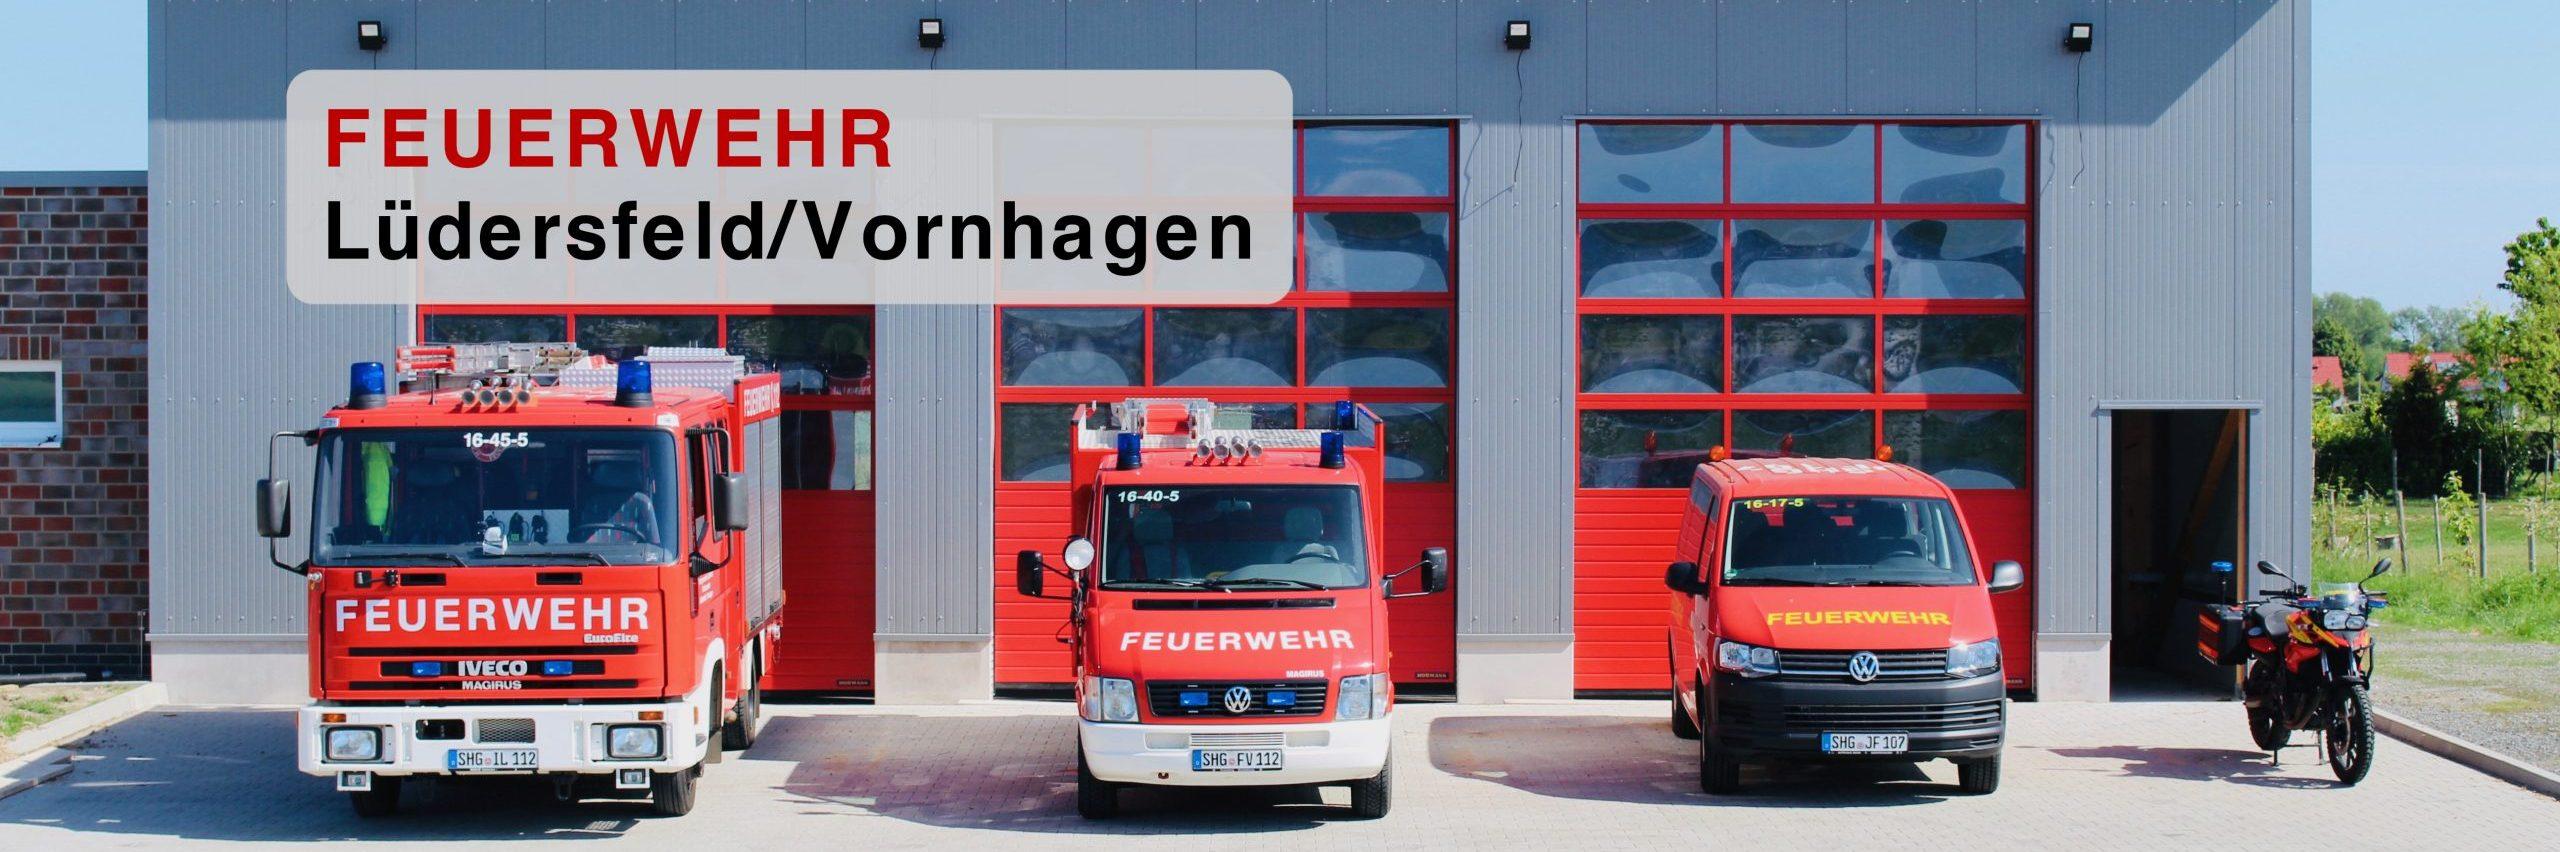 Feuerwehr Lüdersfeld/Vornhagen